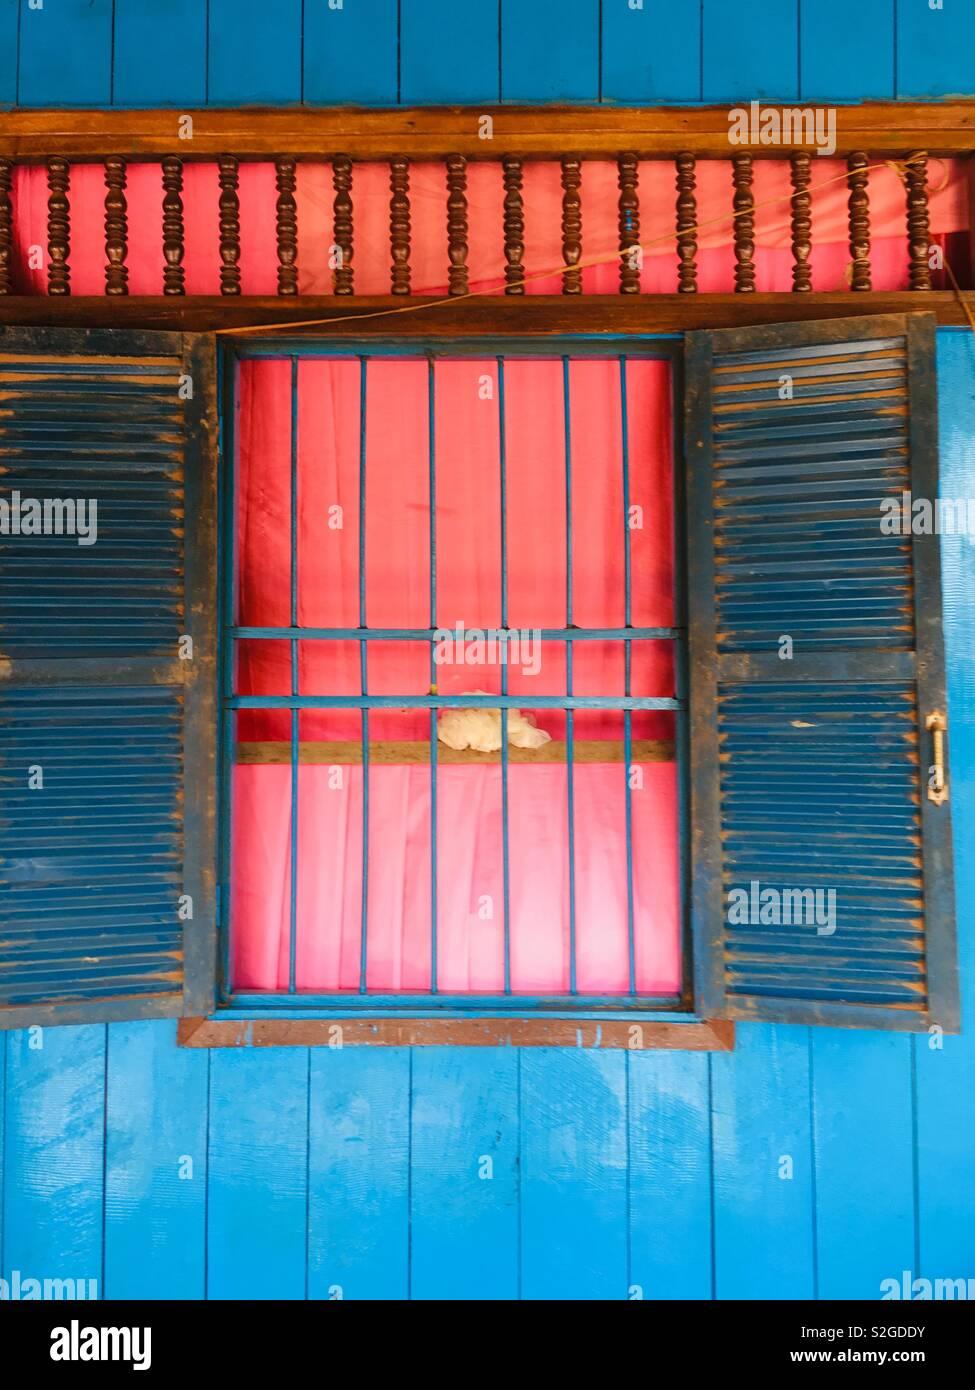 Finestra con griglia in metallo e meteo persiane usurati impostato in un colorato di legno verniciato house. In Cambogia il sud-est asiatico Immagini Stock